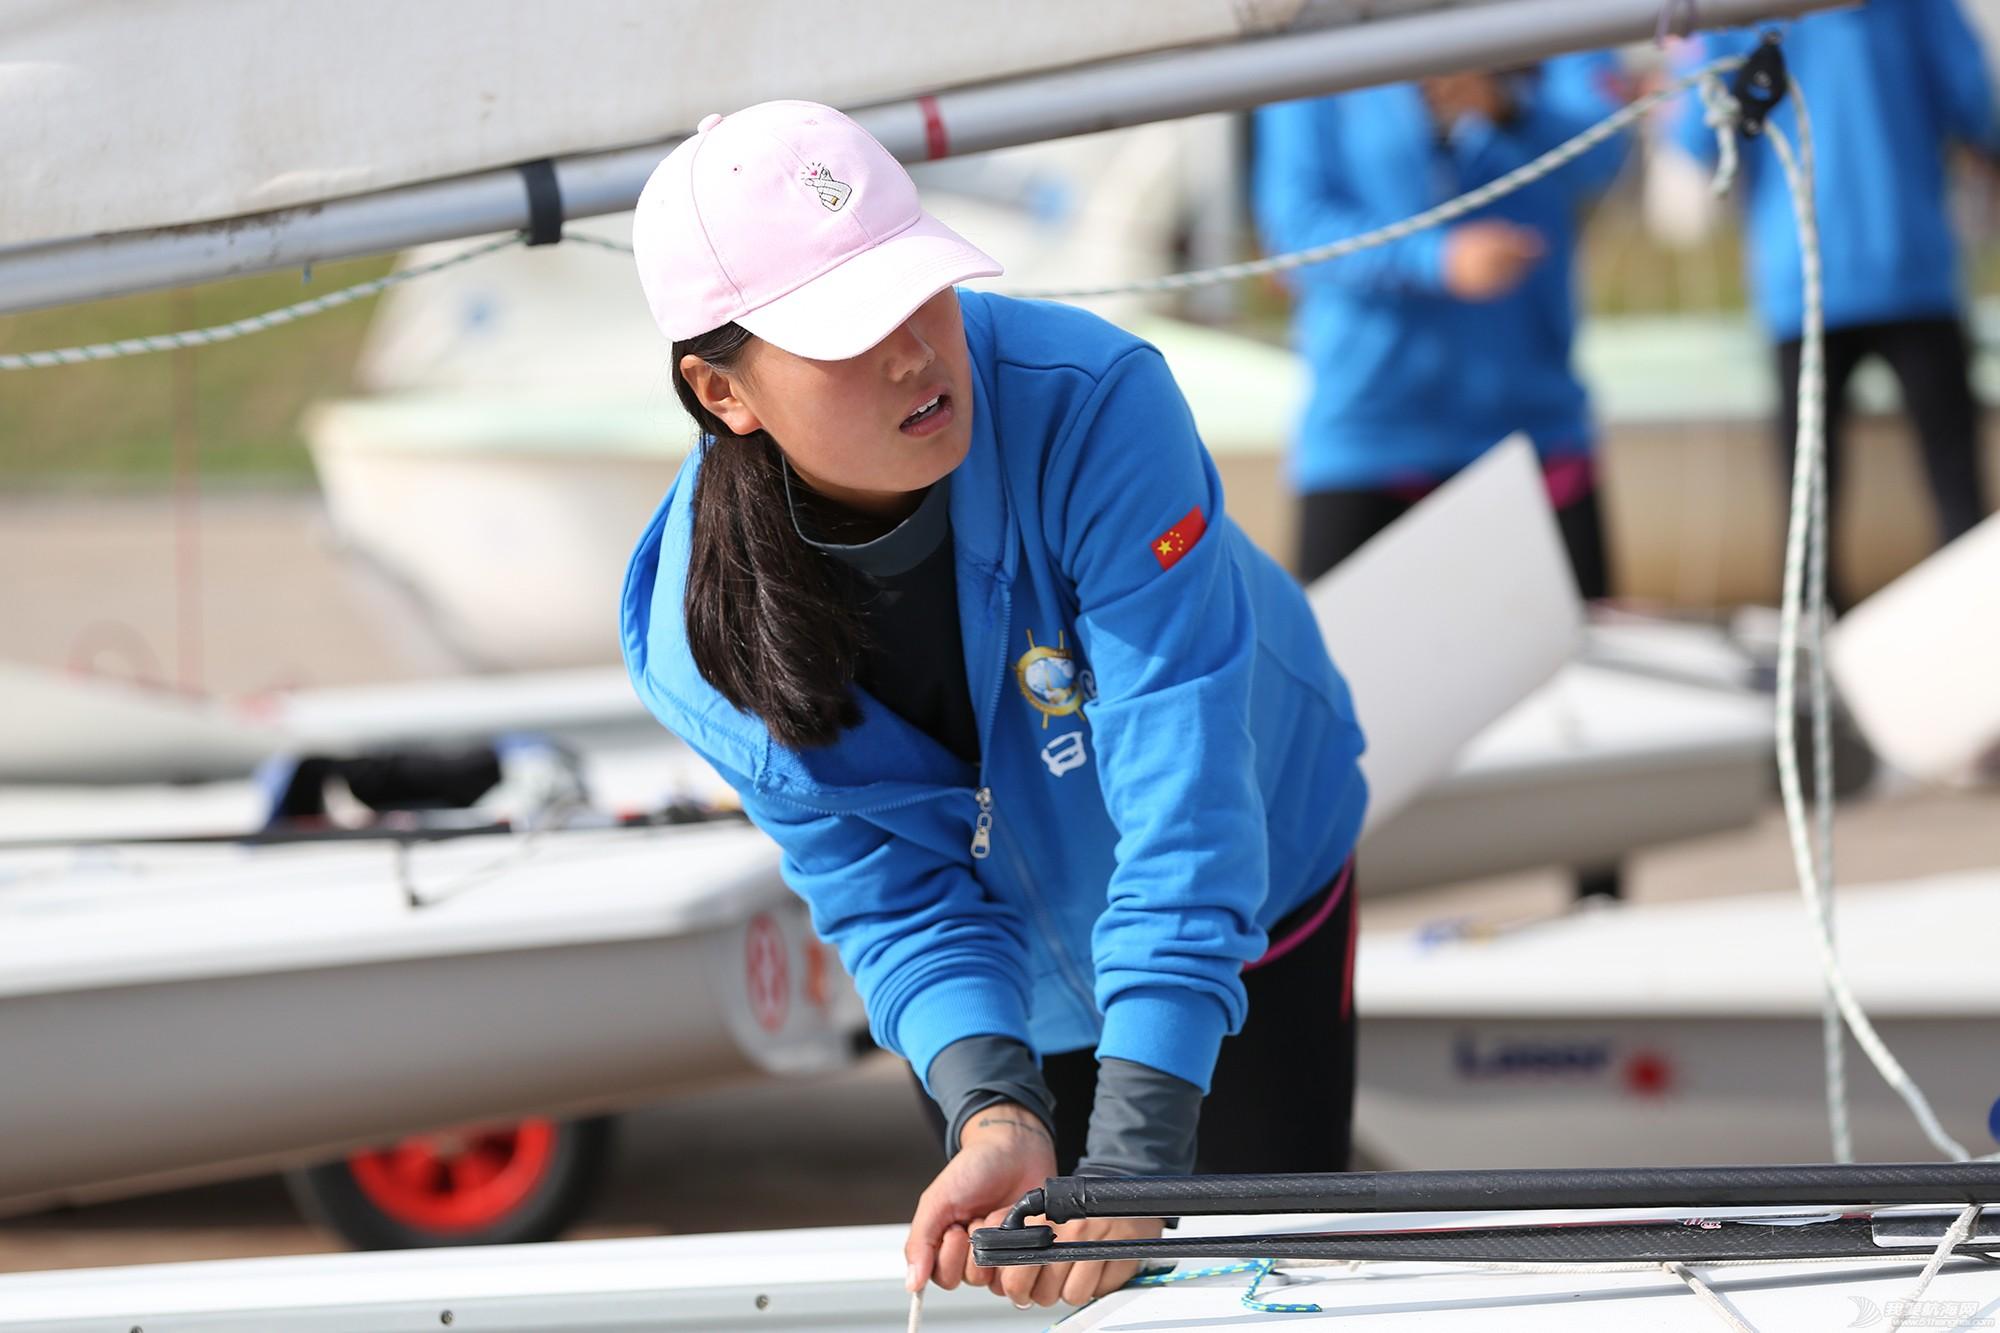 山东省,冠军赛,帆板,帆船 忙碌的赛前准备——山东省帆船帆板冠军赛花絮 5V8A9469.JPG